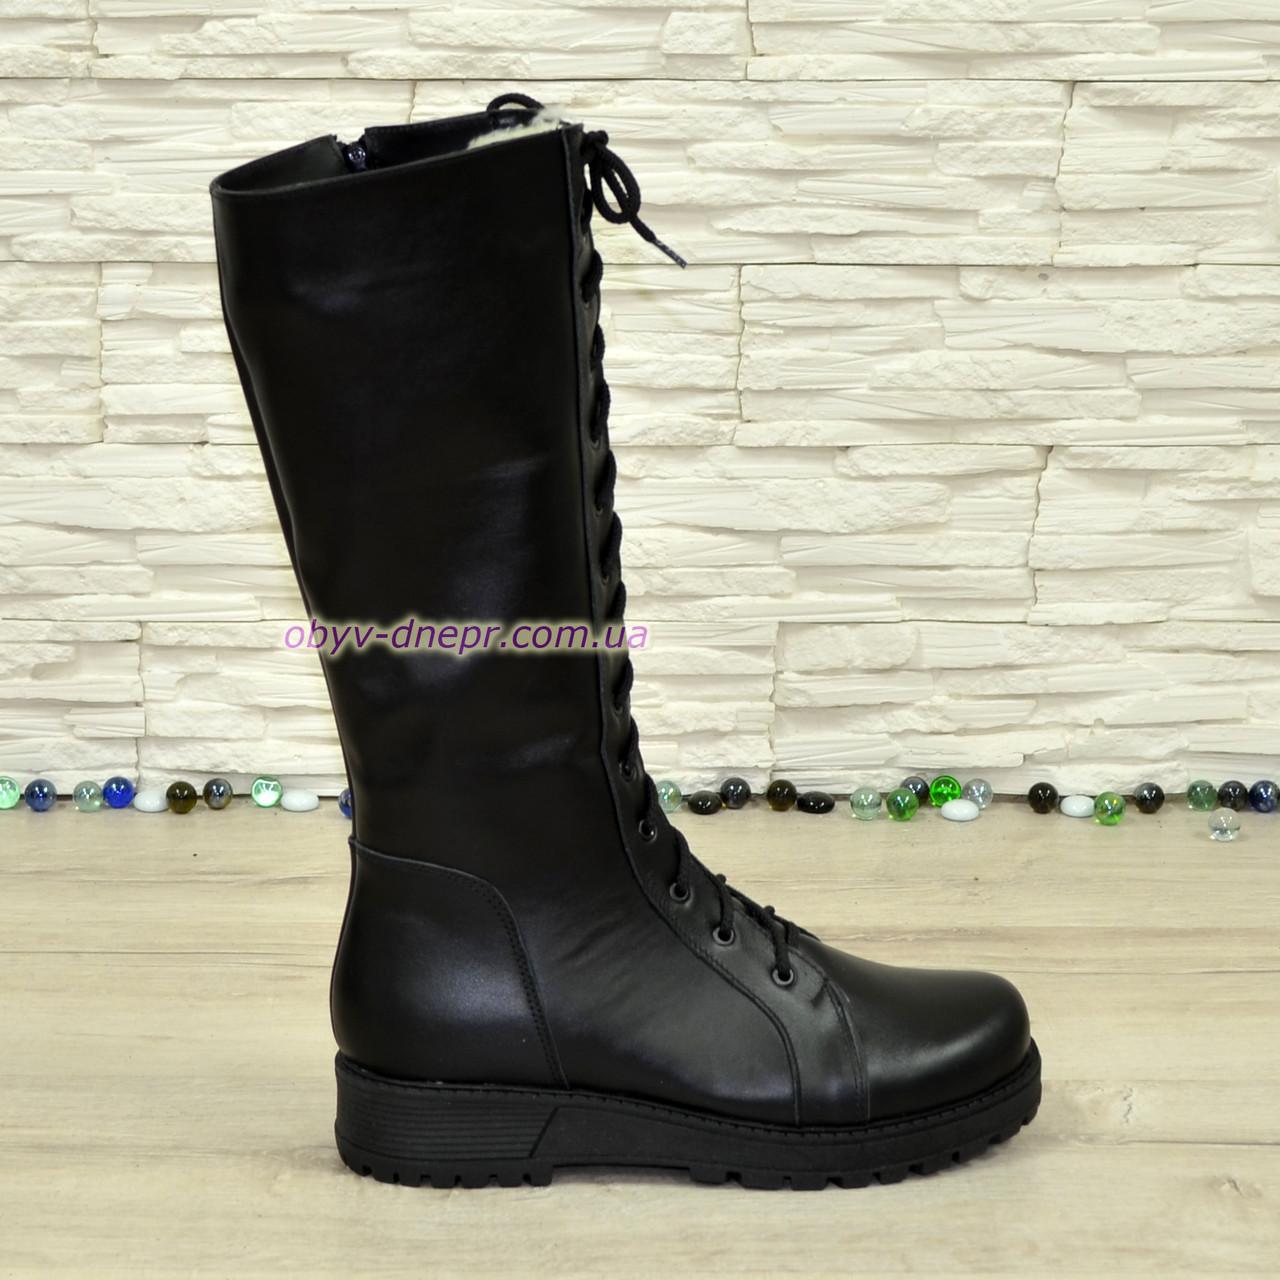 94f5c019ef04 Купить Стильные кожаные зимние сапоги на шнуровке, черный цвет. в Днепре от  ...